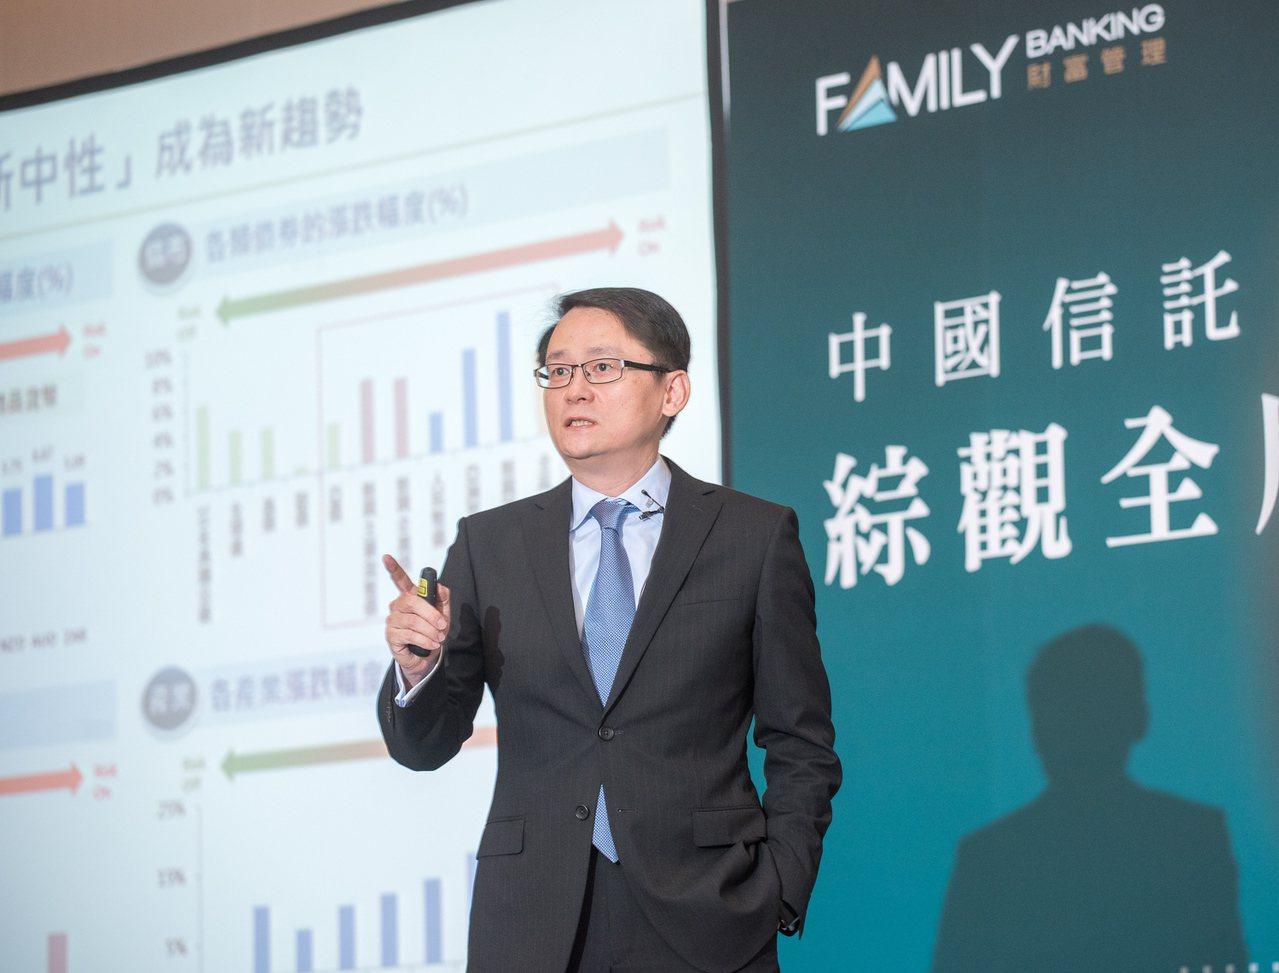 中國信託銀行財富管理產品處副總經理黃培直建議,投資股市可優先選擇日本、歐洲、中港...